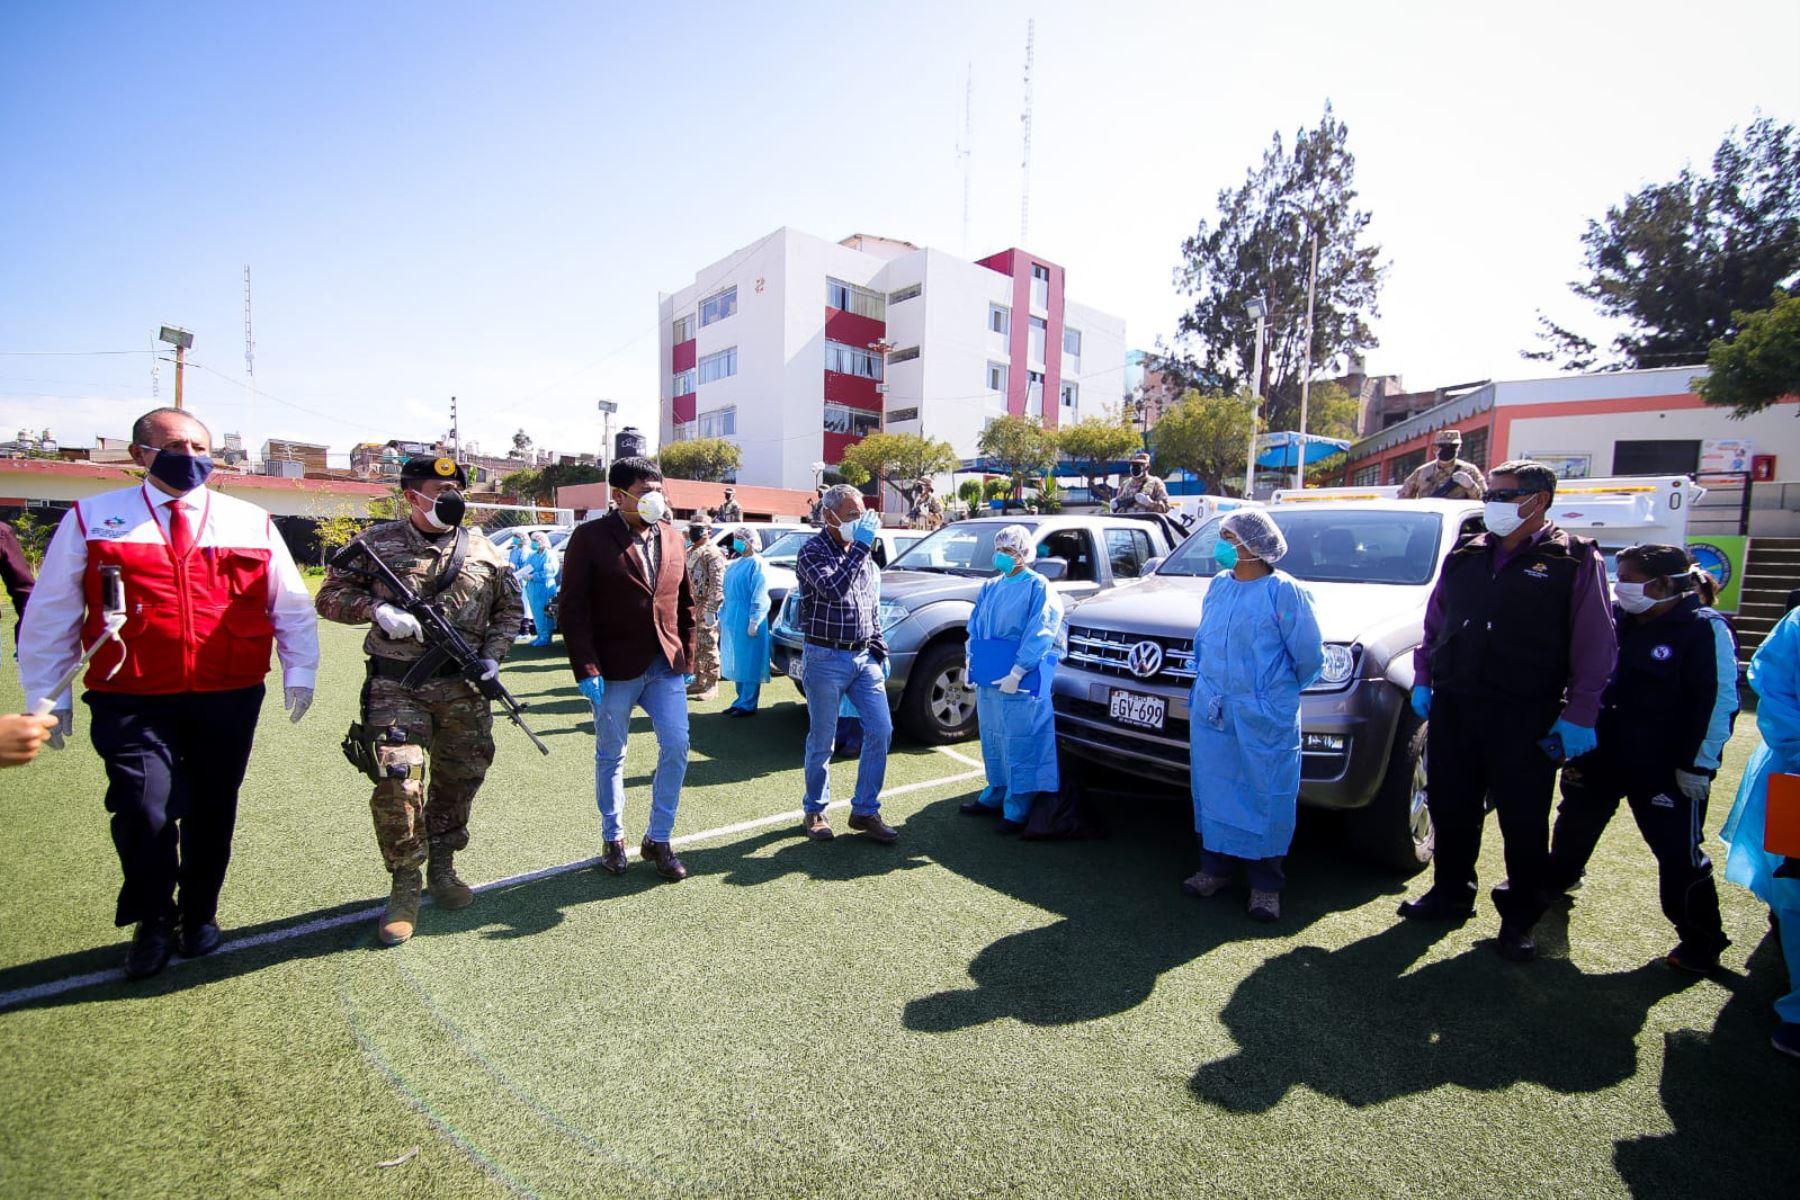 Personal de las FF. AA. integran patrullas sanitarias en Arequipa. Foto: Cortesía/Rocío Méndez